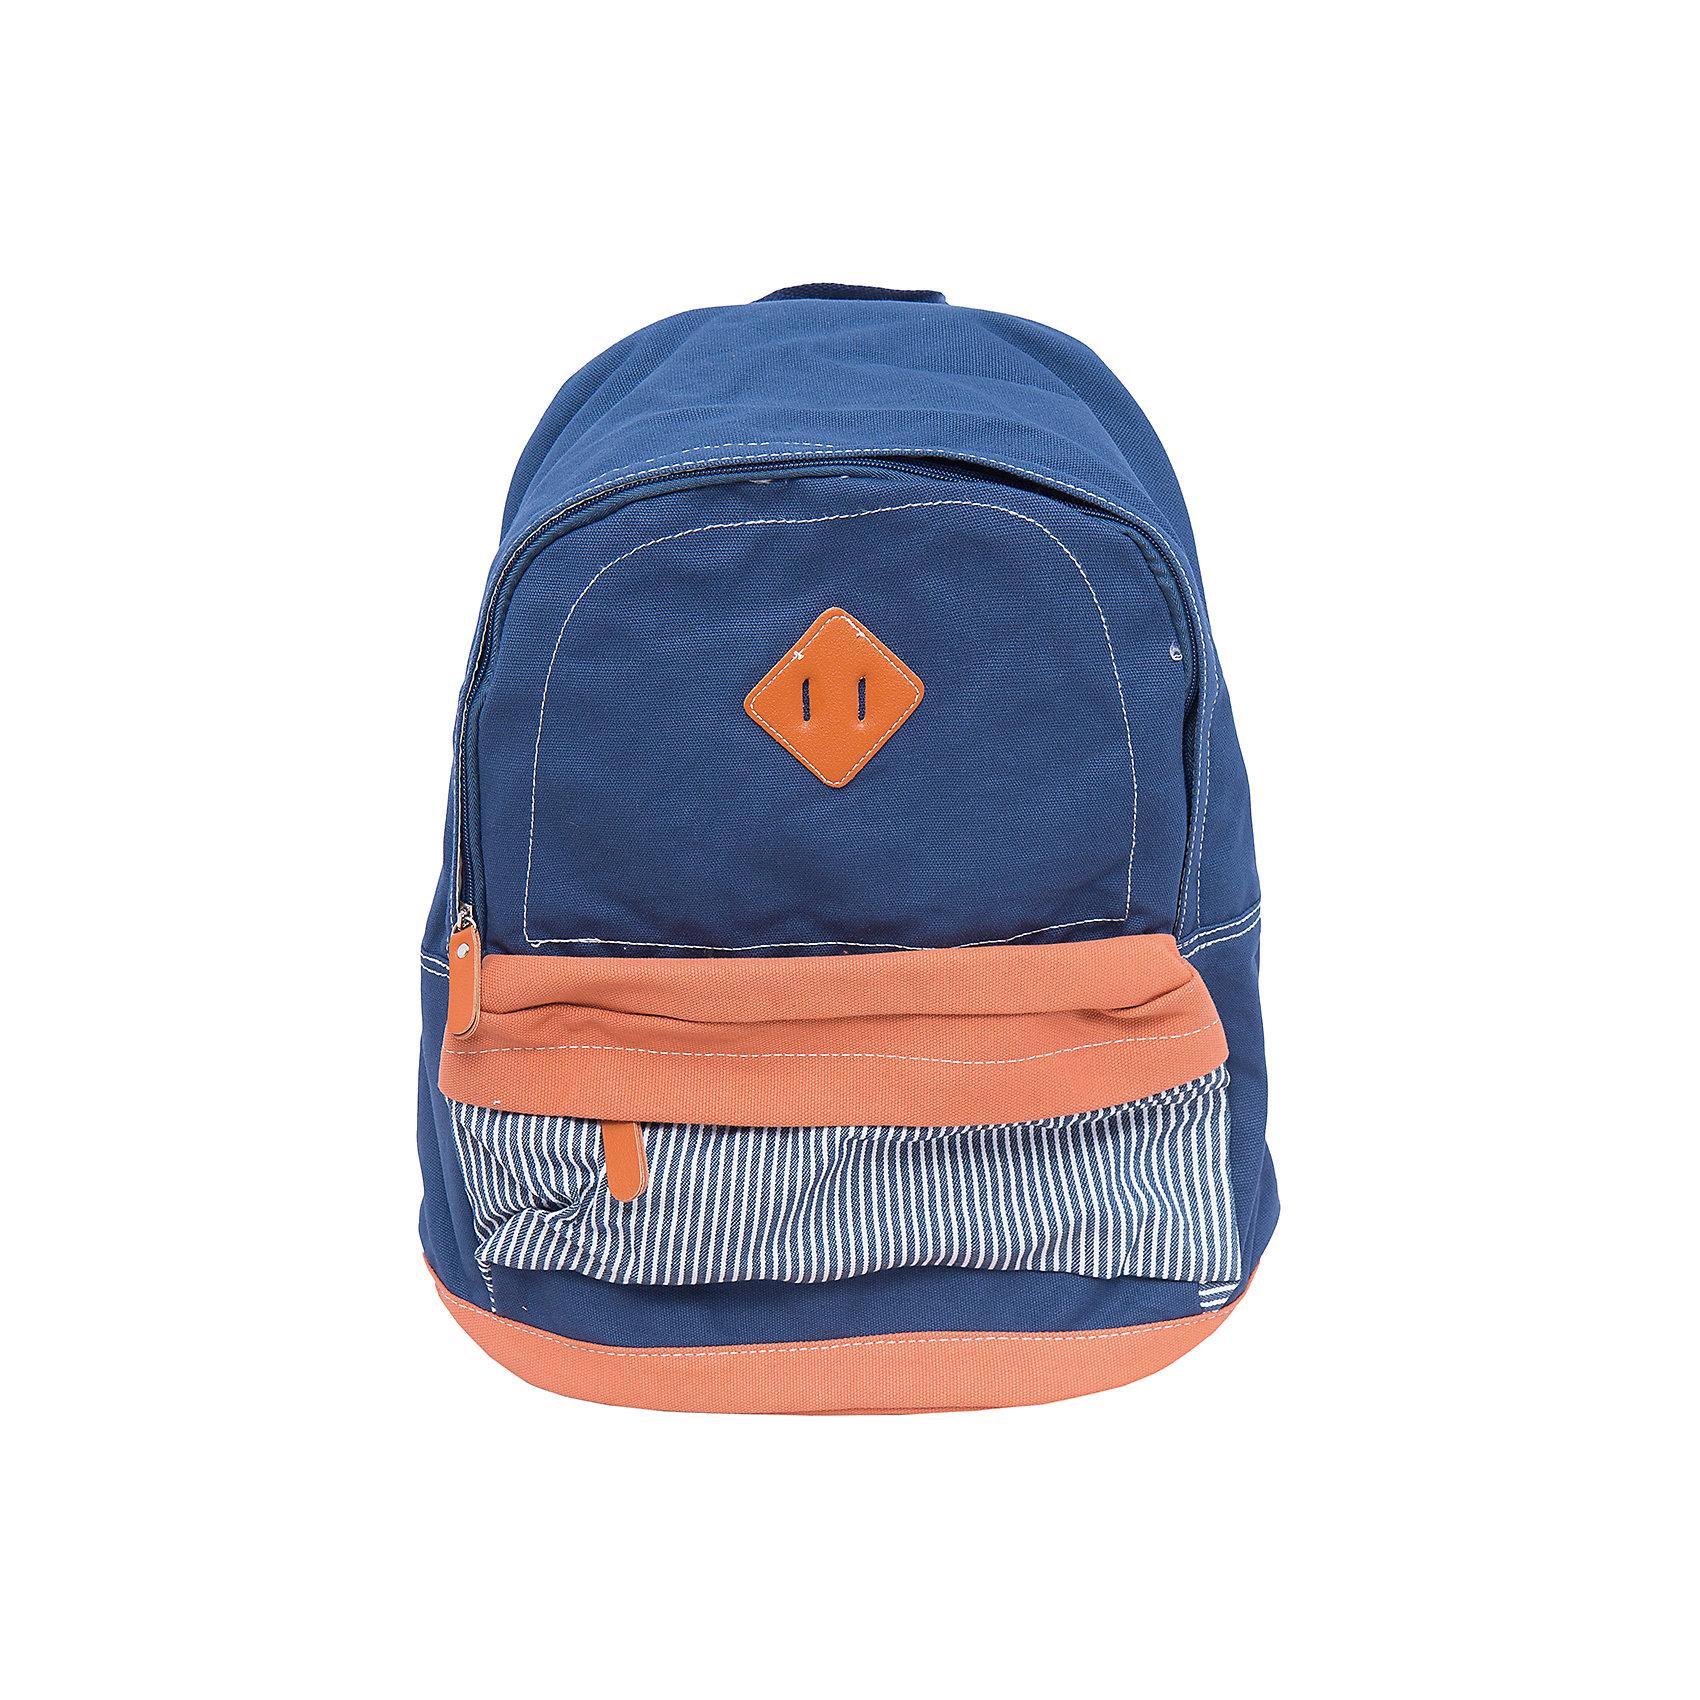 Спортивный рюкзакШкольные рюкзаки<br>Спортивный рюкзак, CENTRUM (Центрум) ? рюкзак отечественного бренда молодежной серии. Новинки от Центрум молодежной серии выполнены из хлопка, отличаются легким весом. <br>Внутреннее устройство рюкзака состоит из одного вместительного отсека, большого объемного наружного кармана на передней спинке. Эргономичность рюкзака обеспечивается уплотненной спинкой и широкими регулируемыми лямками. Для удобства переноса рюкзака в руках имеется  ручка-петля. <br>Рюкзак выполнен в лаконичном дизайне: синий с оранжевой окантовкой по дну рюкзака и верхнему краю кармана, сам карман в полосочку.<br>Спортивный рюкзак, CENTRUM (Центрум) ? это многофункциональность, качество и удобство использования. <br><br>Дополнительная информация:<br><br>- Вес: 480 г<br>- Габариты (Д*Г*В): 31*17*47 см<br>- Цвет: синий, оранжевый, белый<br>- Материал: хлопок<br>- Сезон: круглый год<br>- Коллекция: молодежная<br>- Пол: женский<br>- Предназначение: для школы, для занятий спортом, для путешествий <br>- Особенности ухода: можно чистить влажной щеткой или губкой, допускается ручная стирка <br><br>Подробнее:<br><br>• Для детей в возрасте: от 12 лет <br>• Страна производитель: Китай<br>• Торговый бренд: CENTRUM<br><br>Спортивный рюкзак, CENTRUM (Центрум) можно купить в нашем интернет-магазине.<br><br>Ширина мм: 310<br>Глубина мм: 170<br>Высота мм: 470<br>Вес г: 480<br>Возраст от месяцев: 36<br>Возраст до месяцев: 120<br>Пол: Унисекс<br>Возраст: Детский<br>SKU: 4865234